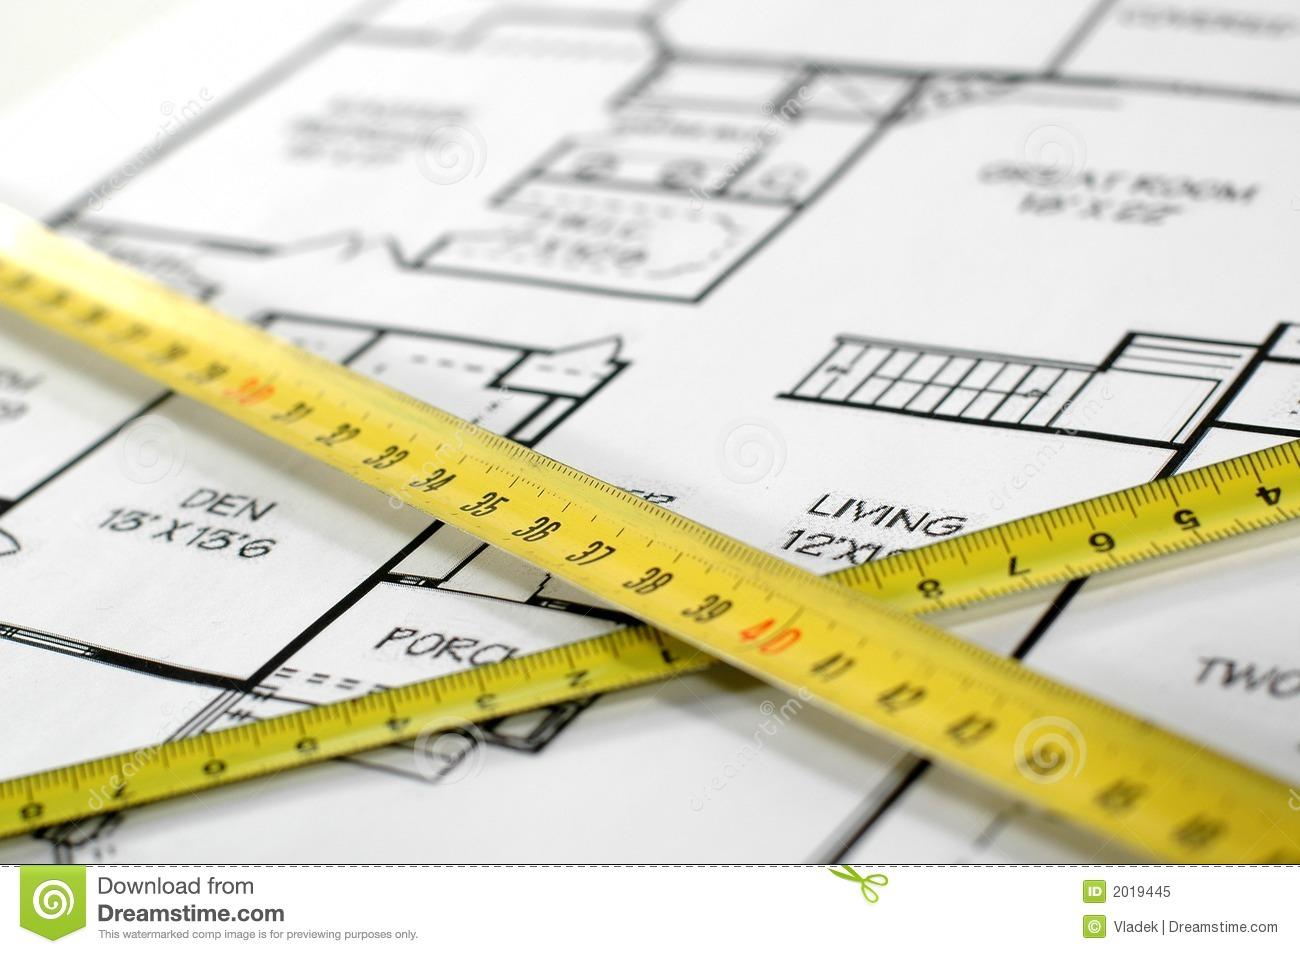 T che complexe sur la notion d chelle et de plan blog for Agencement de maison de plan libre